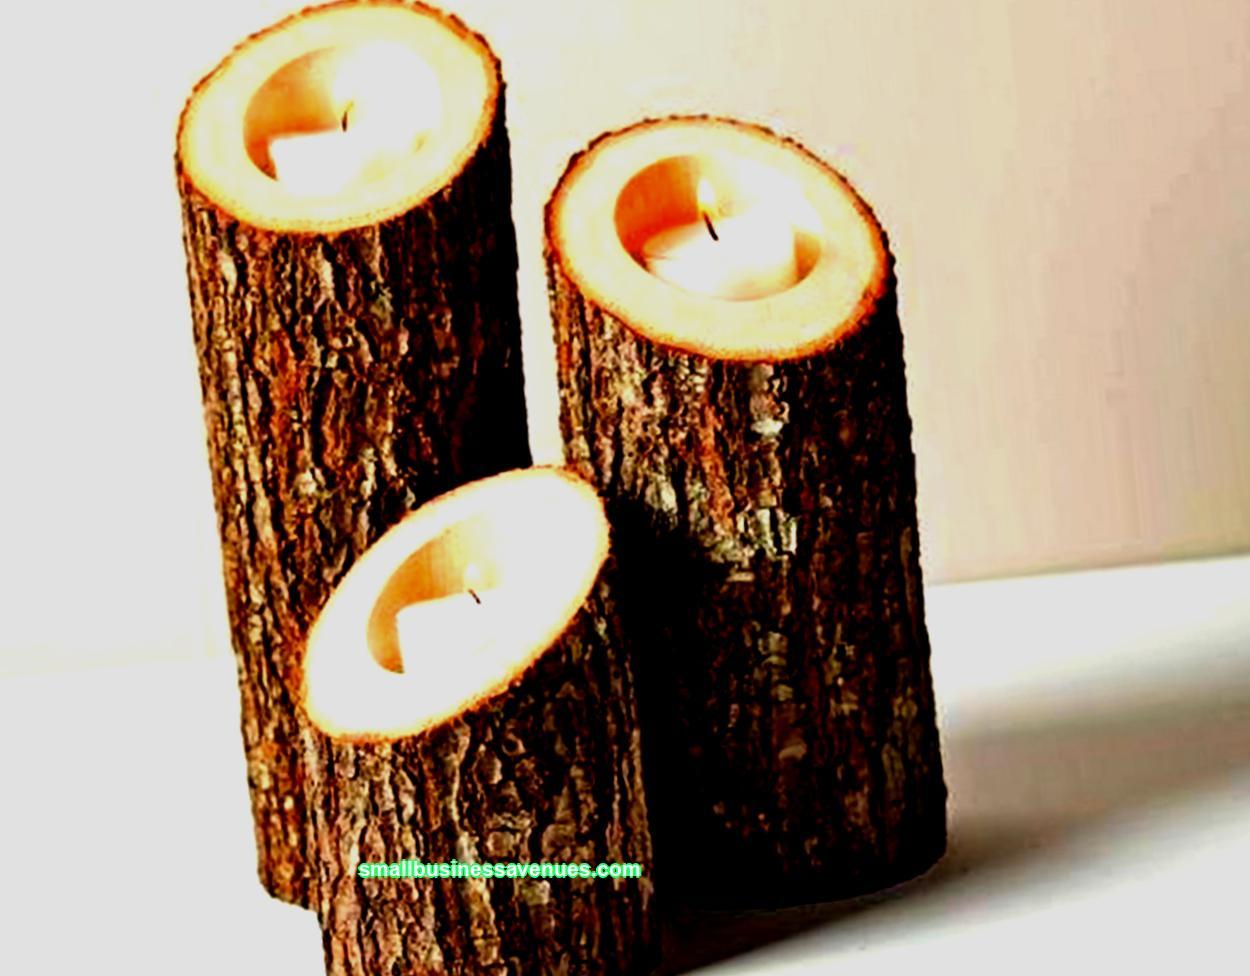 Ideias de negócios para madeira. Produtos de madeira faça-você-mesmo à venda Own é o sonho de muitos artesãos que querem ganhar um dinheiro decente e saber trabalhar com as mãos. em primeiro lugar